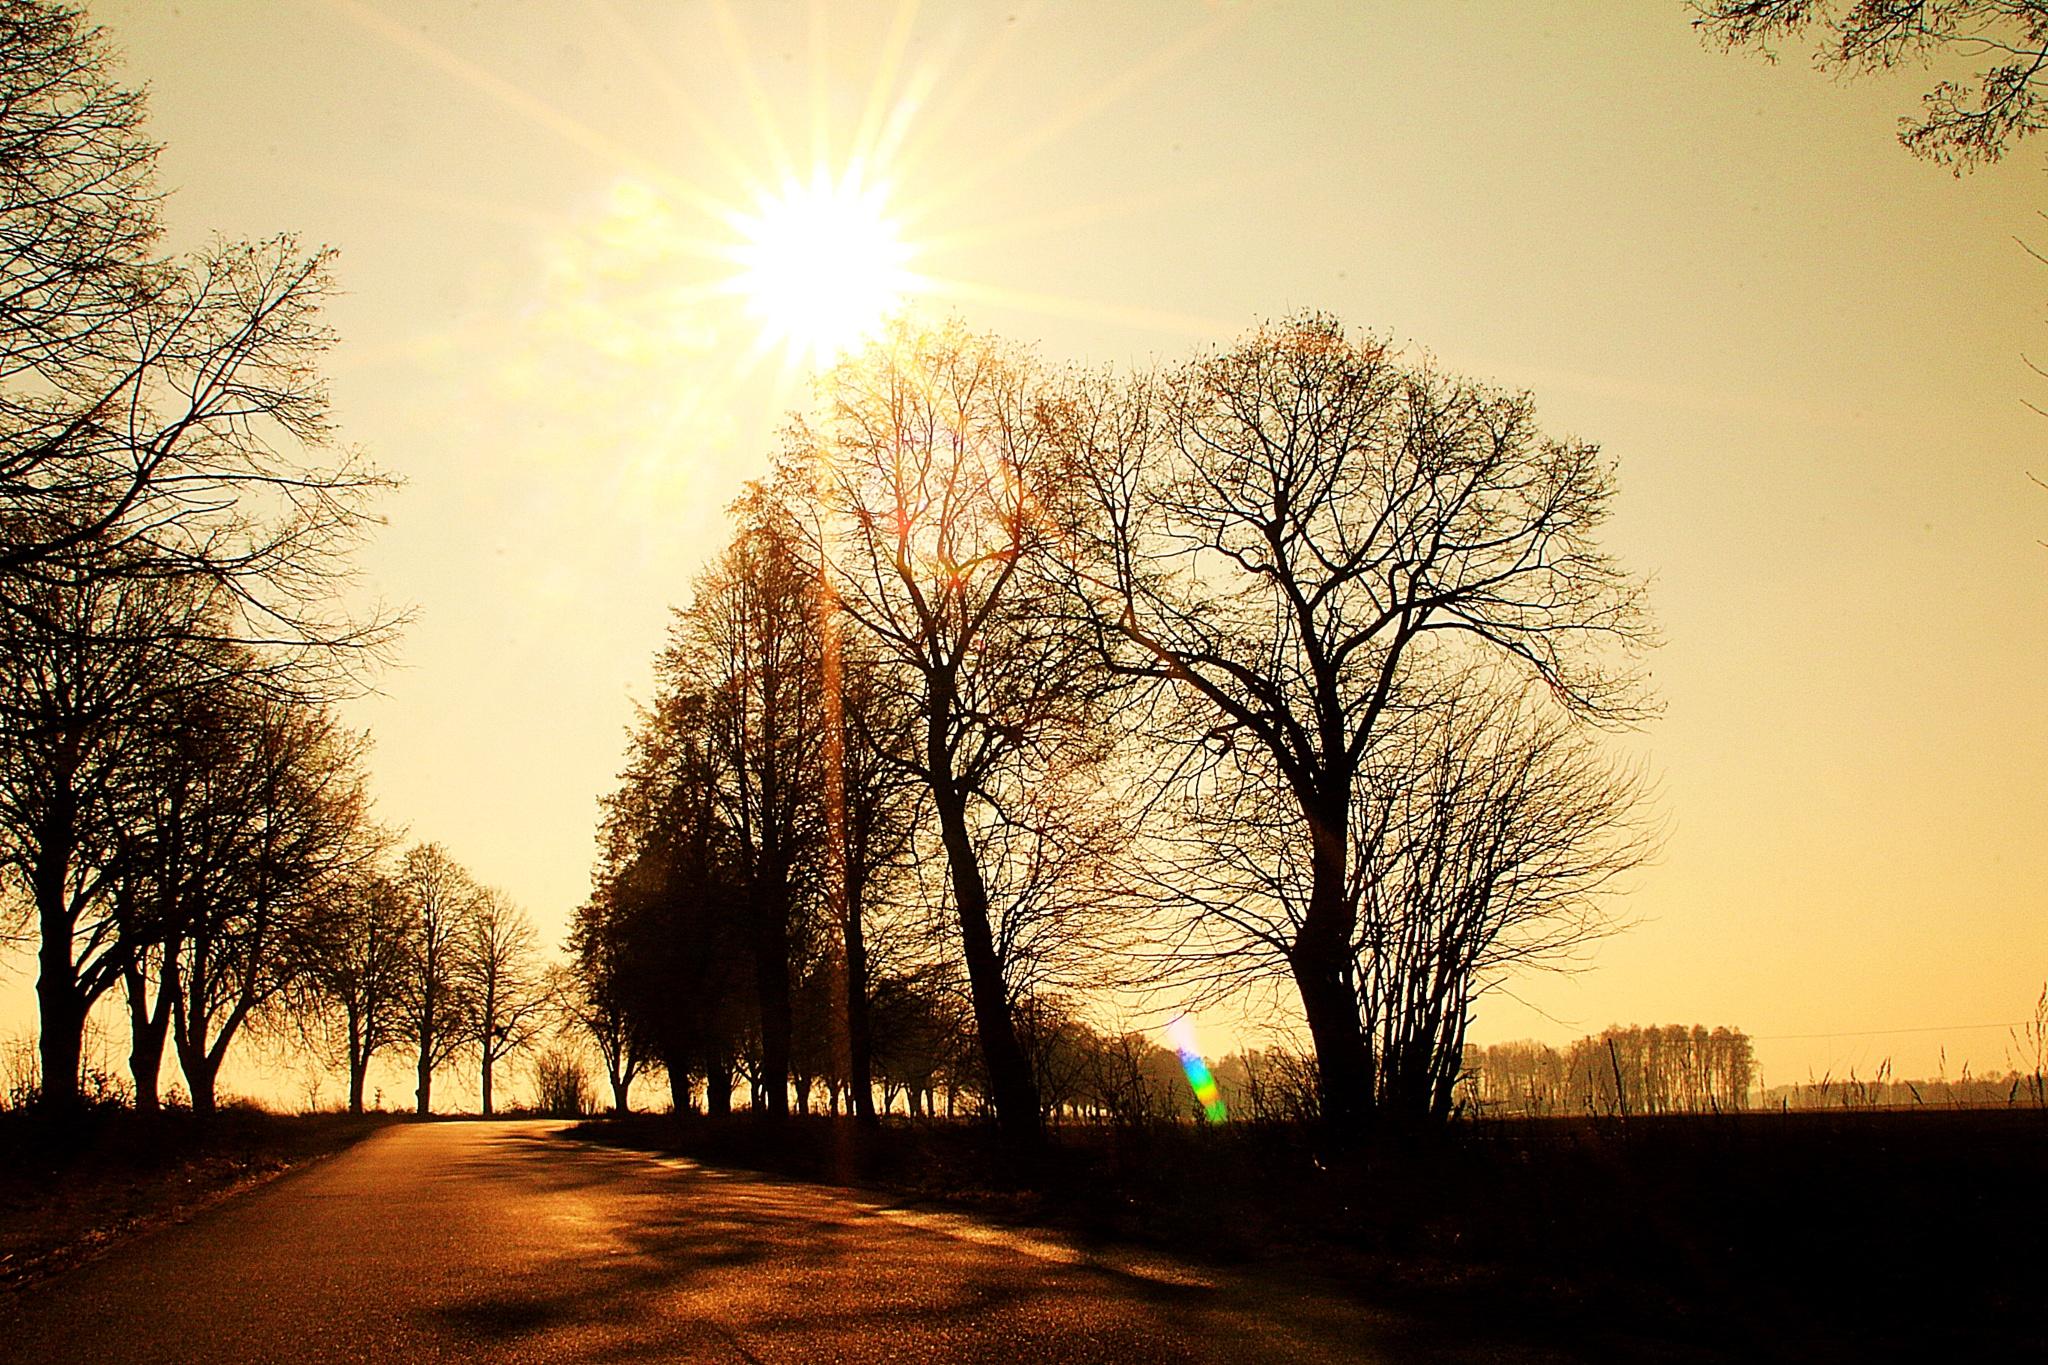 road to nowhere by JAKOKTO PAUKAS